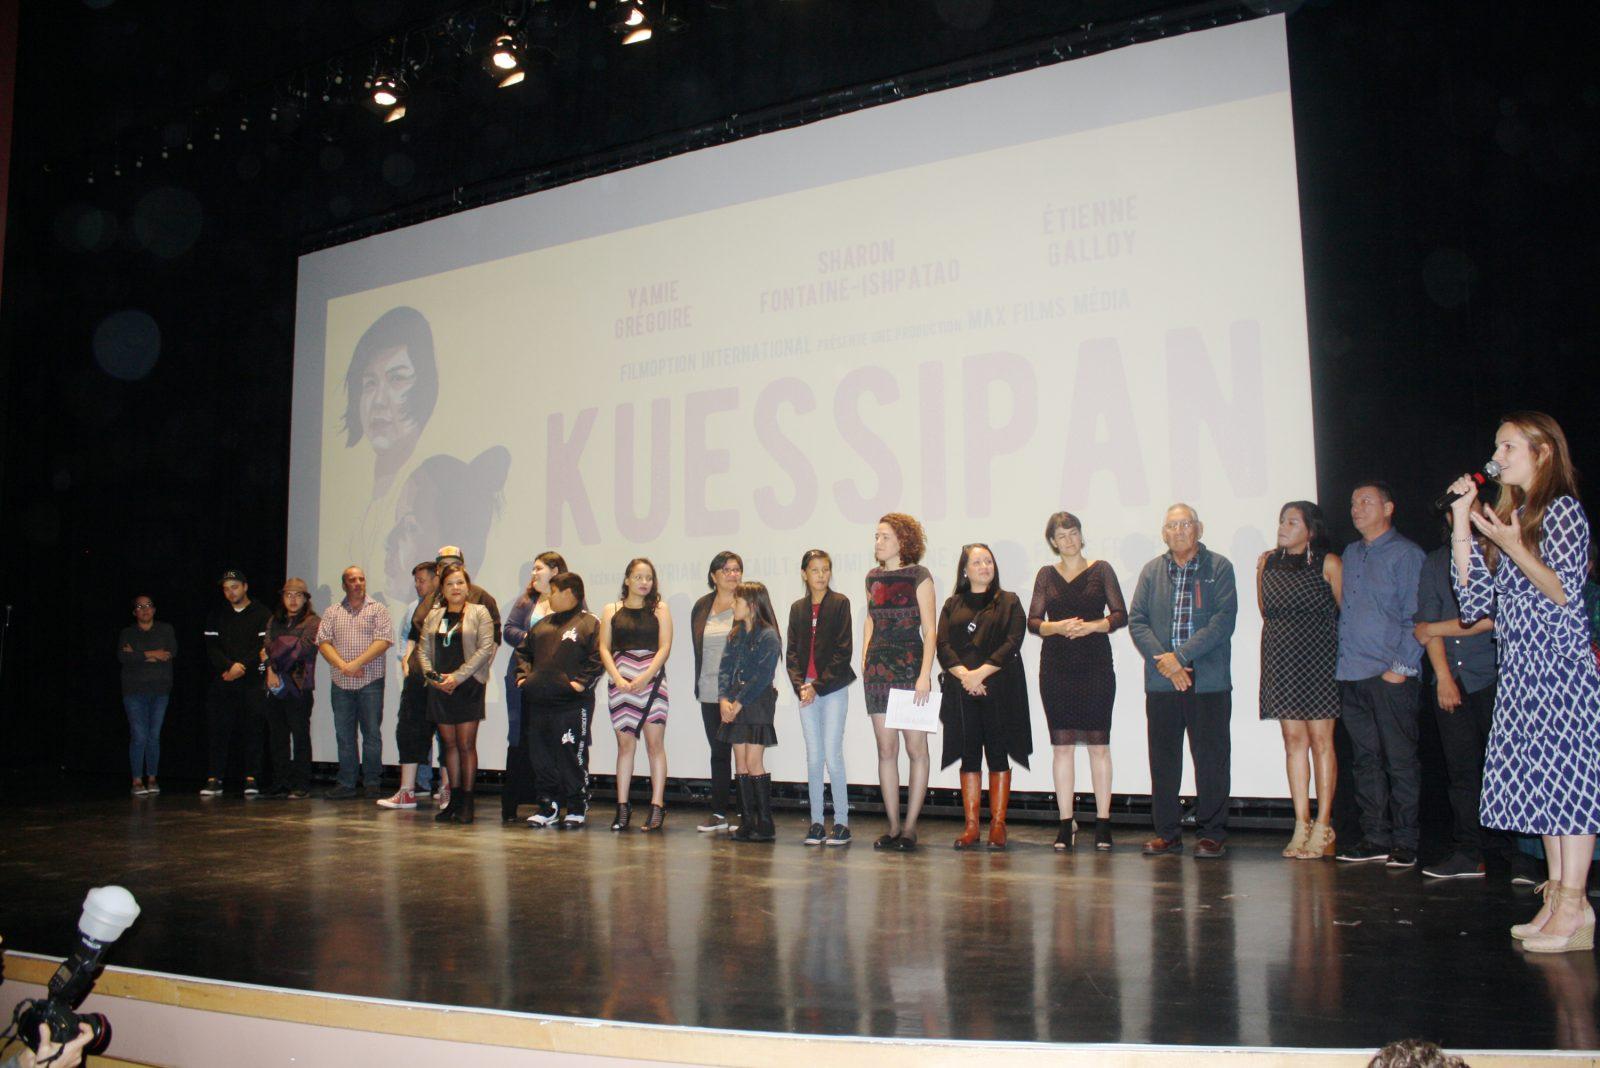 Première émouvante pour <i>Kuessipan</i> à Sept-Îles